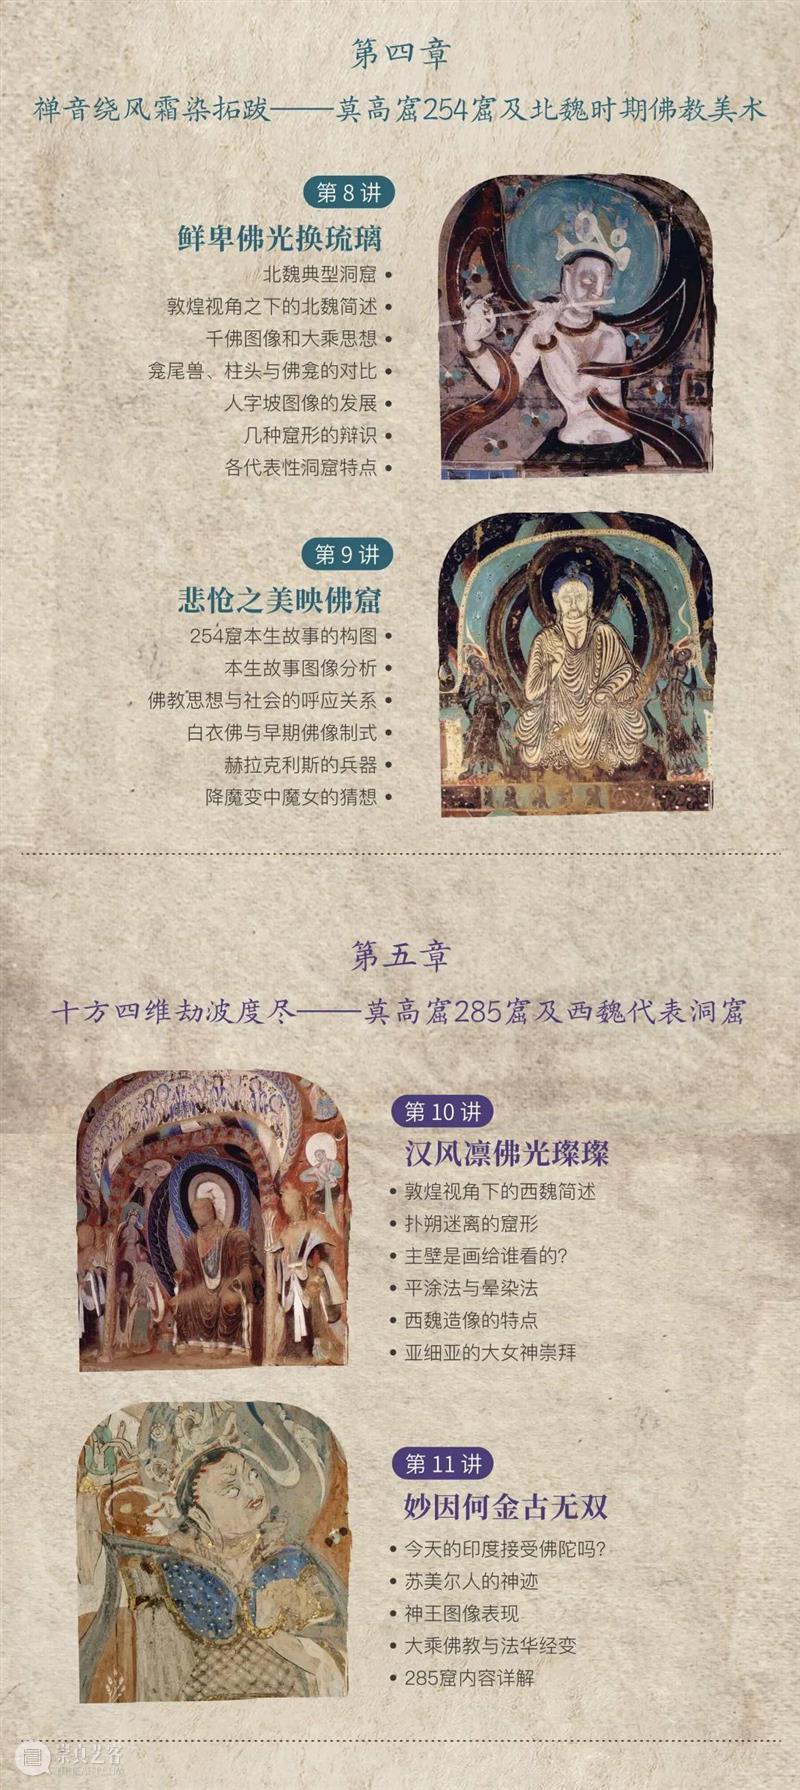 王般般:石窟艺术详解 艺术 石窟 南山 沙龙 老师 敦煌石窟 佛教 课程 内容 图像 崇真艺客